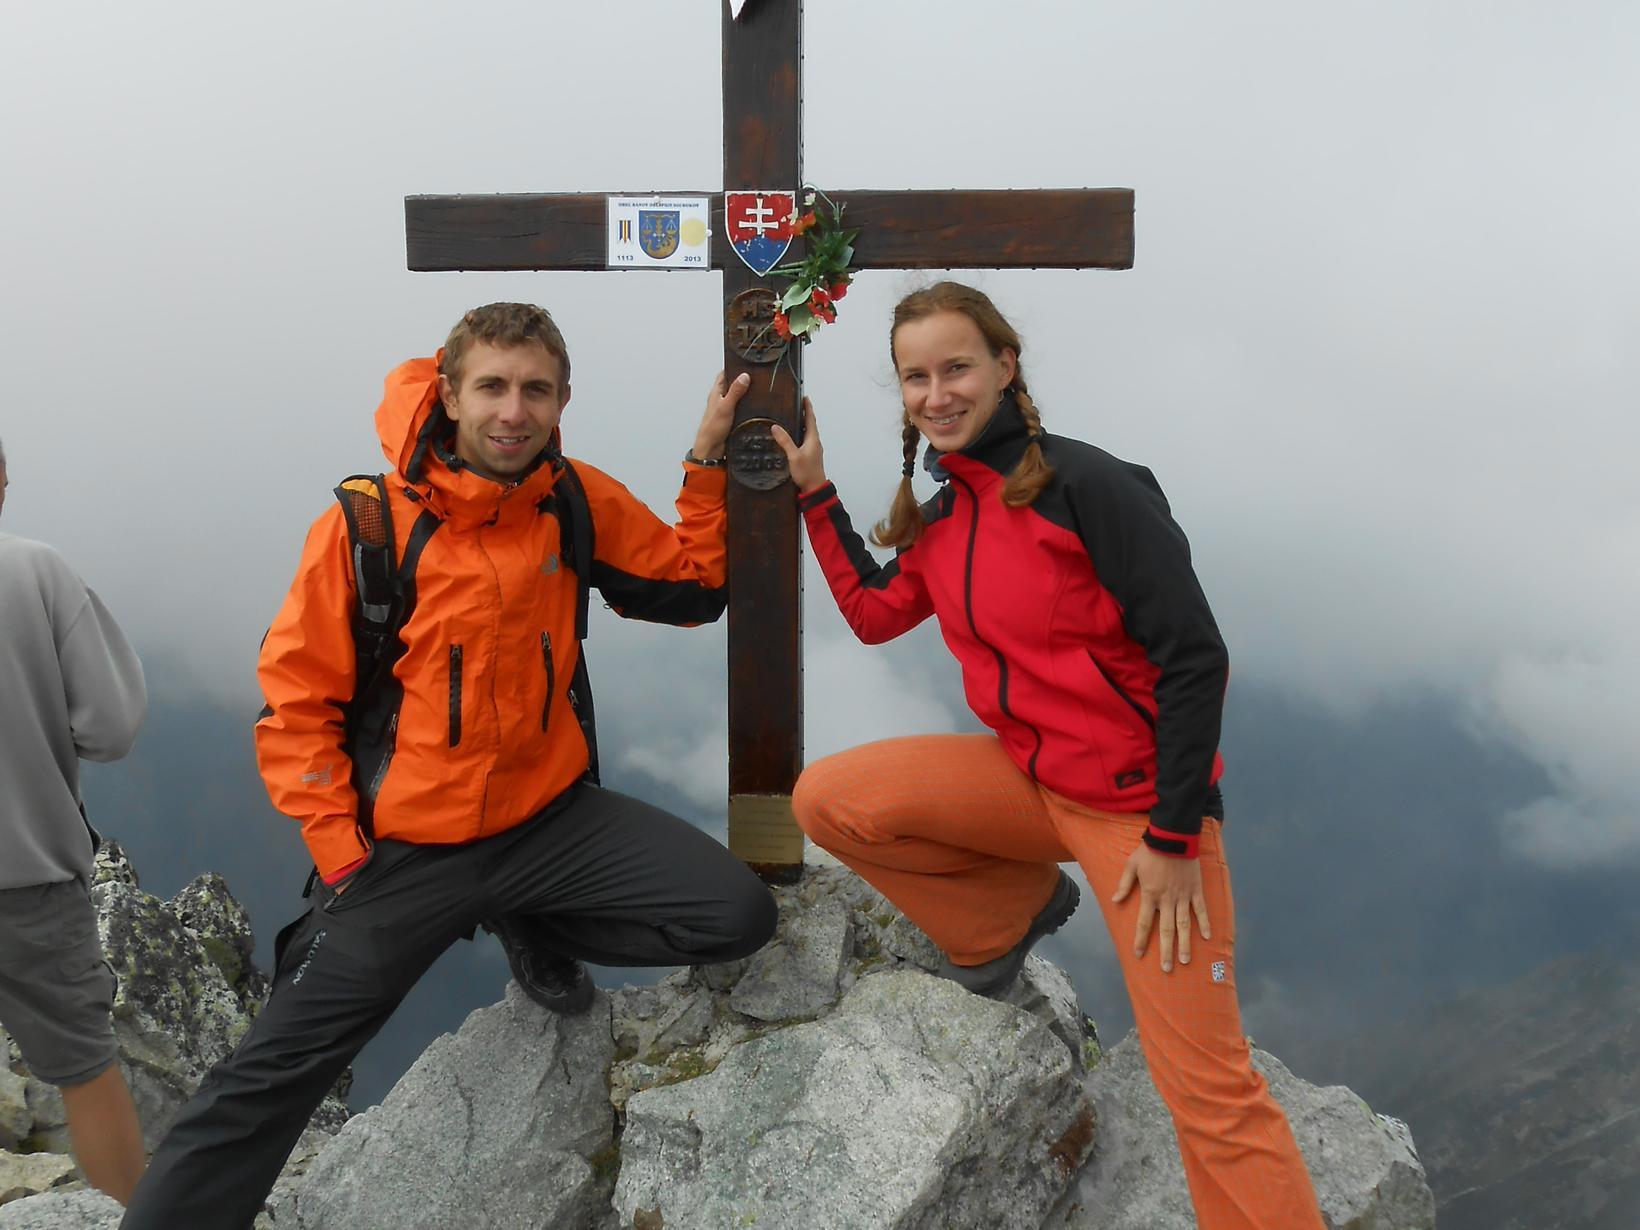 Iva & Jan from Valašské Meziříčí, Czech Republic